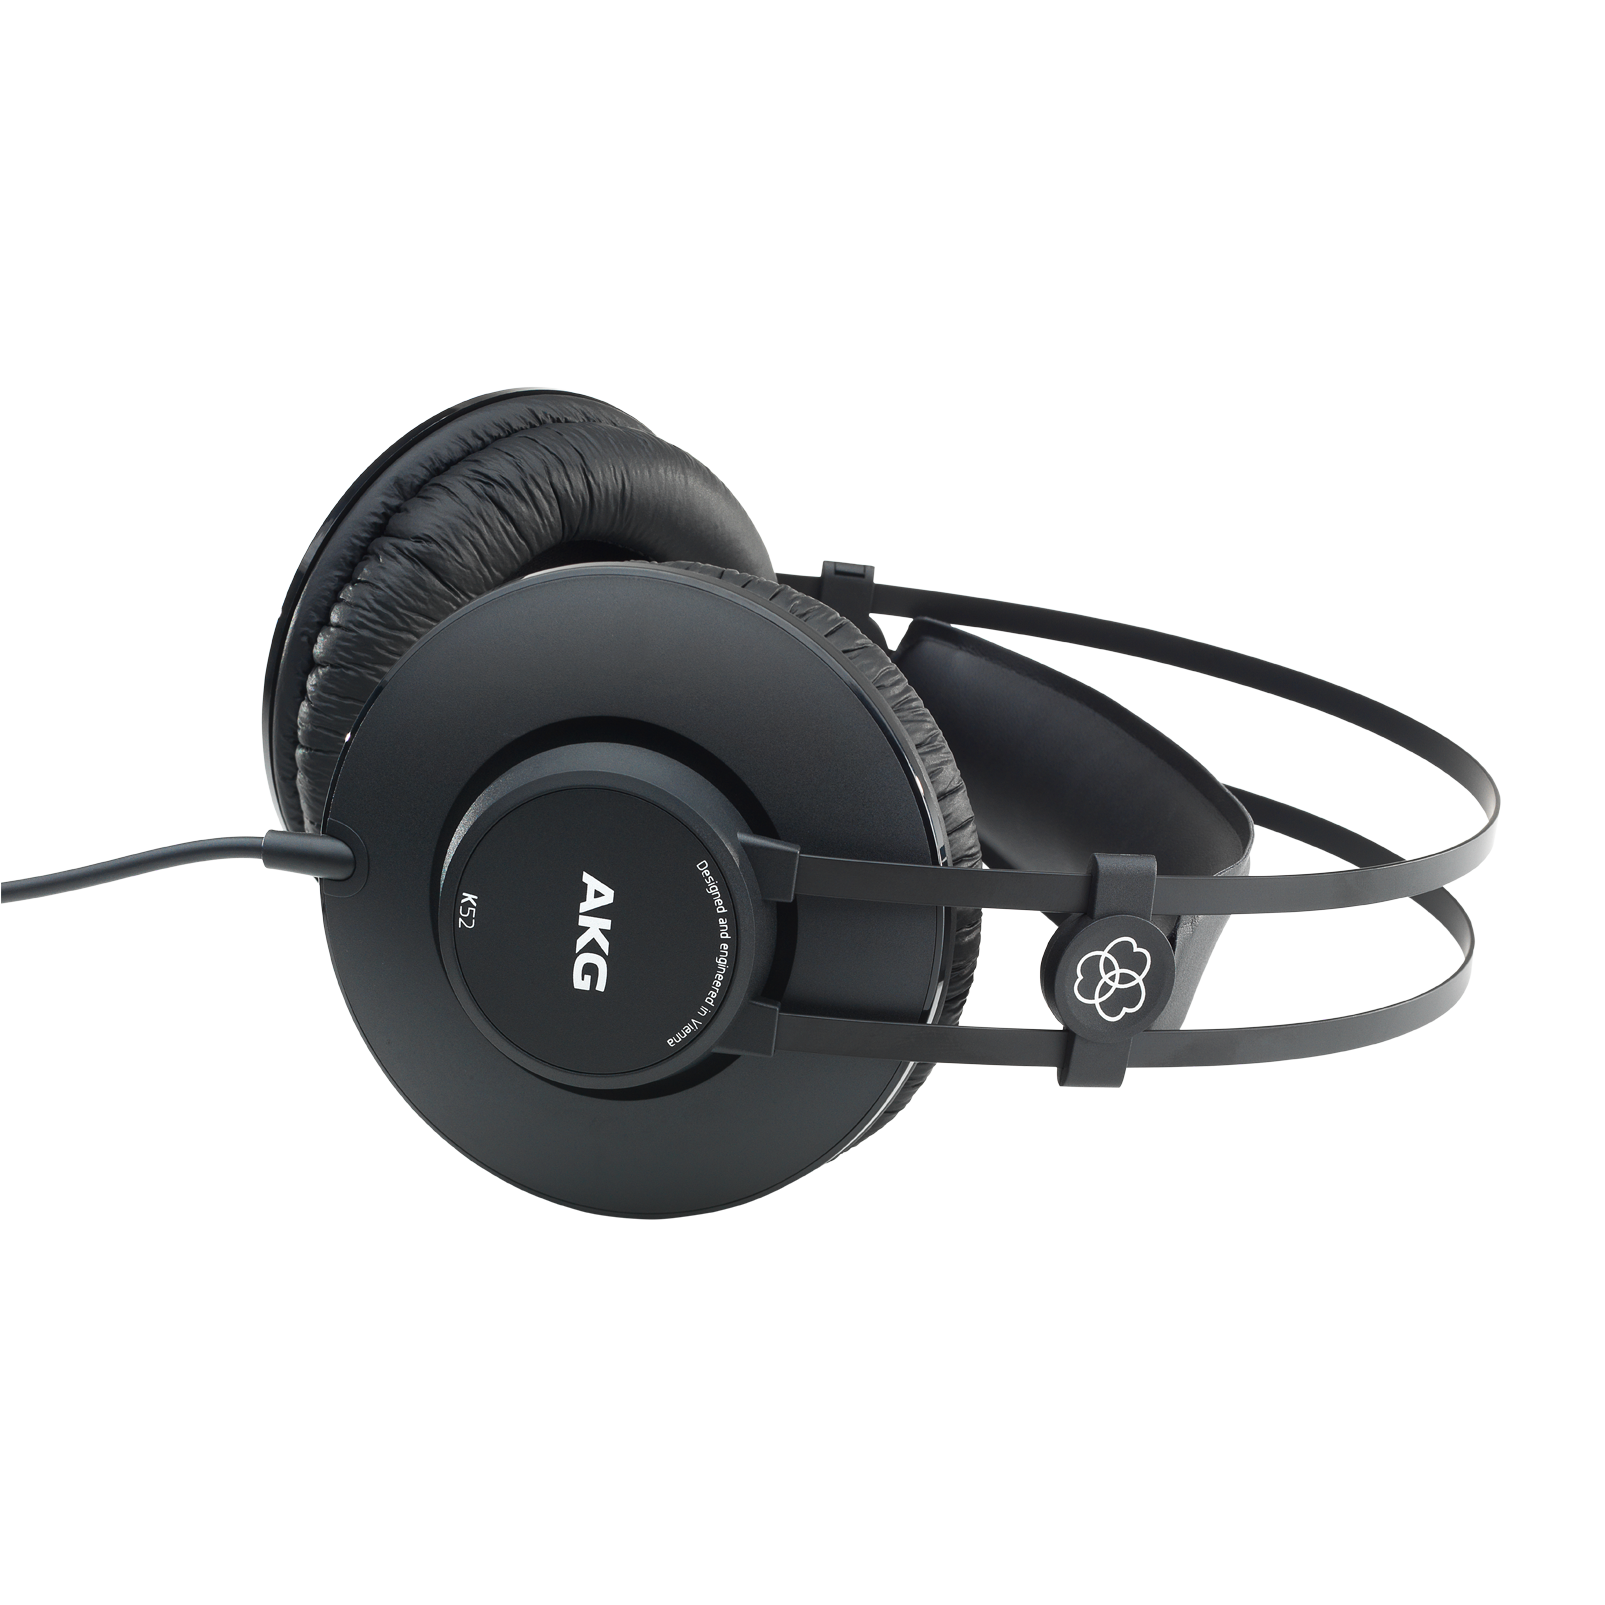 K52 - Black - Closed-back headphones - Detailshot 2